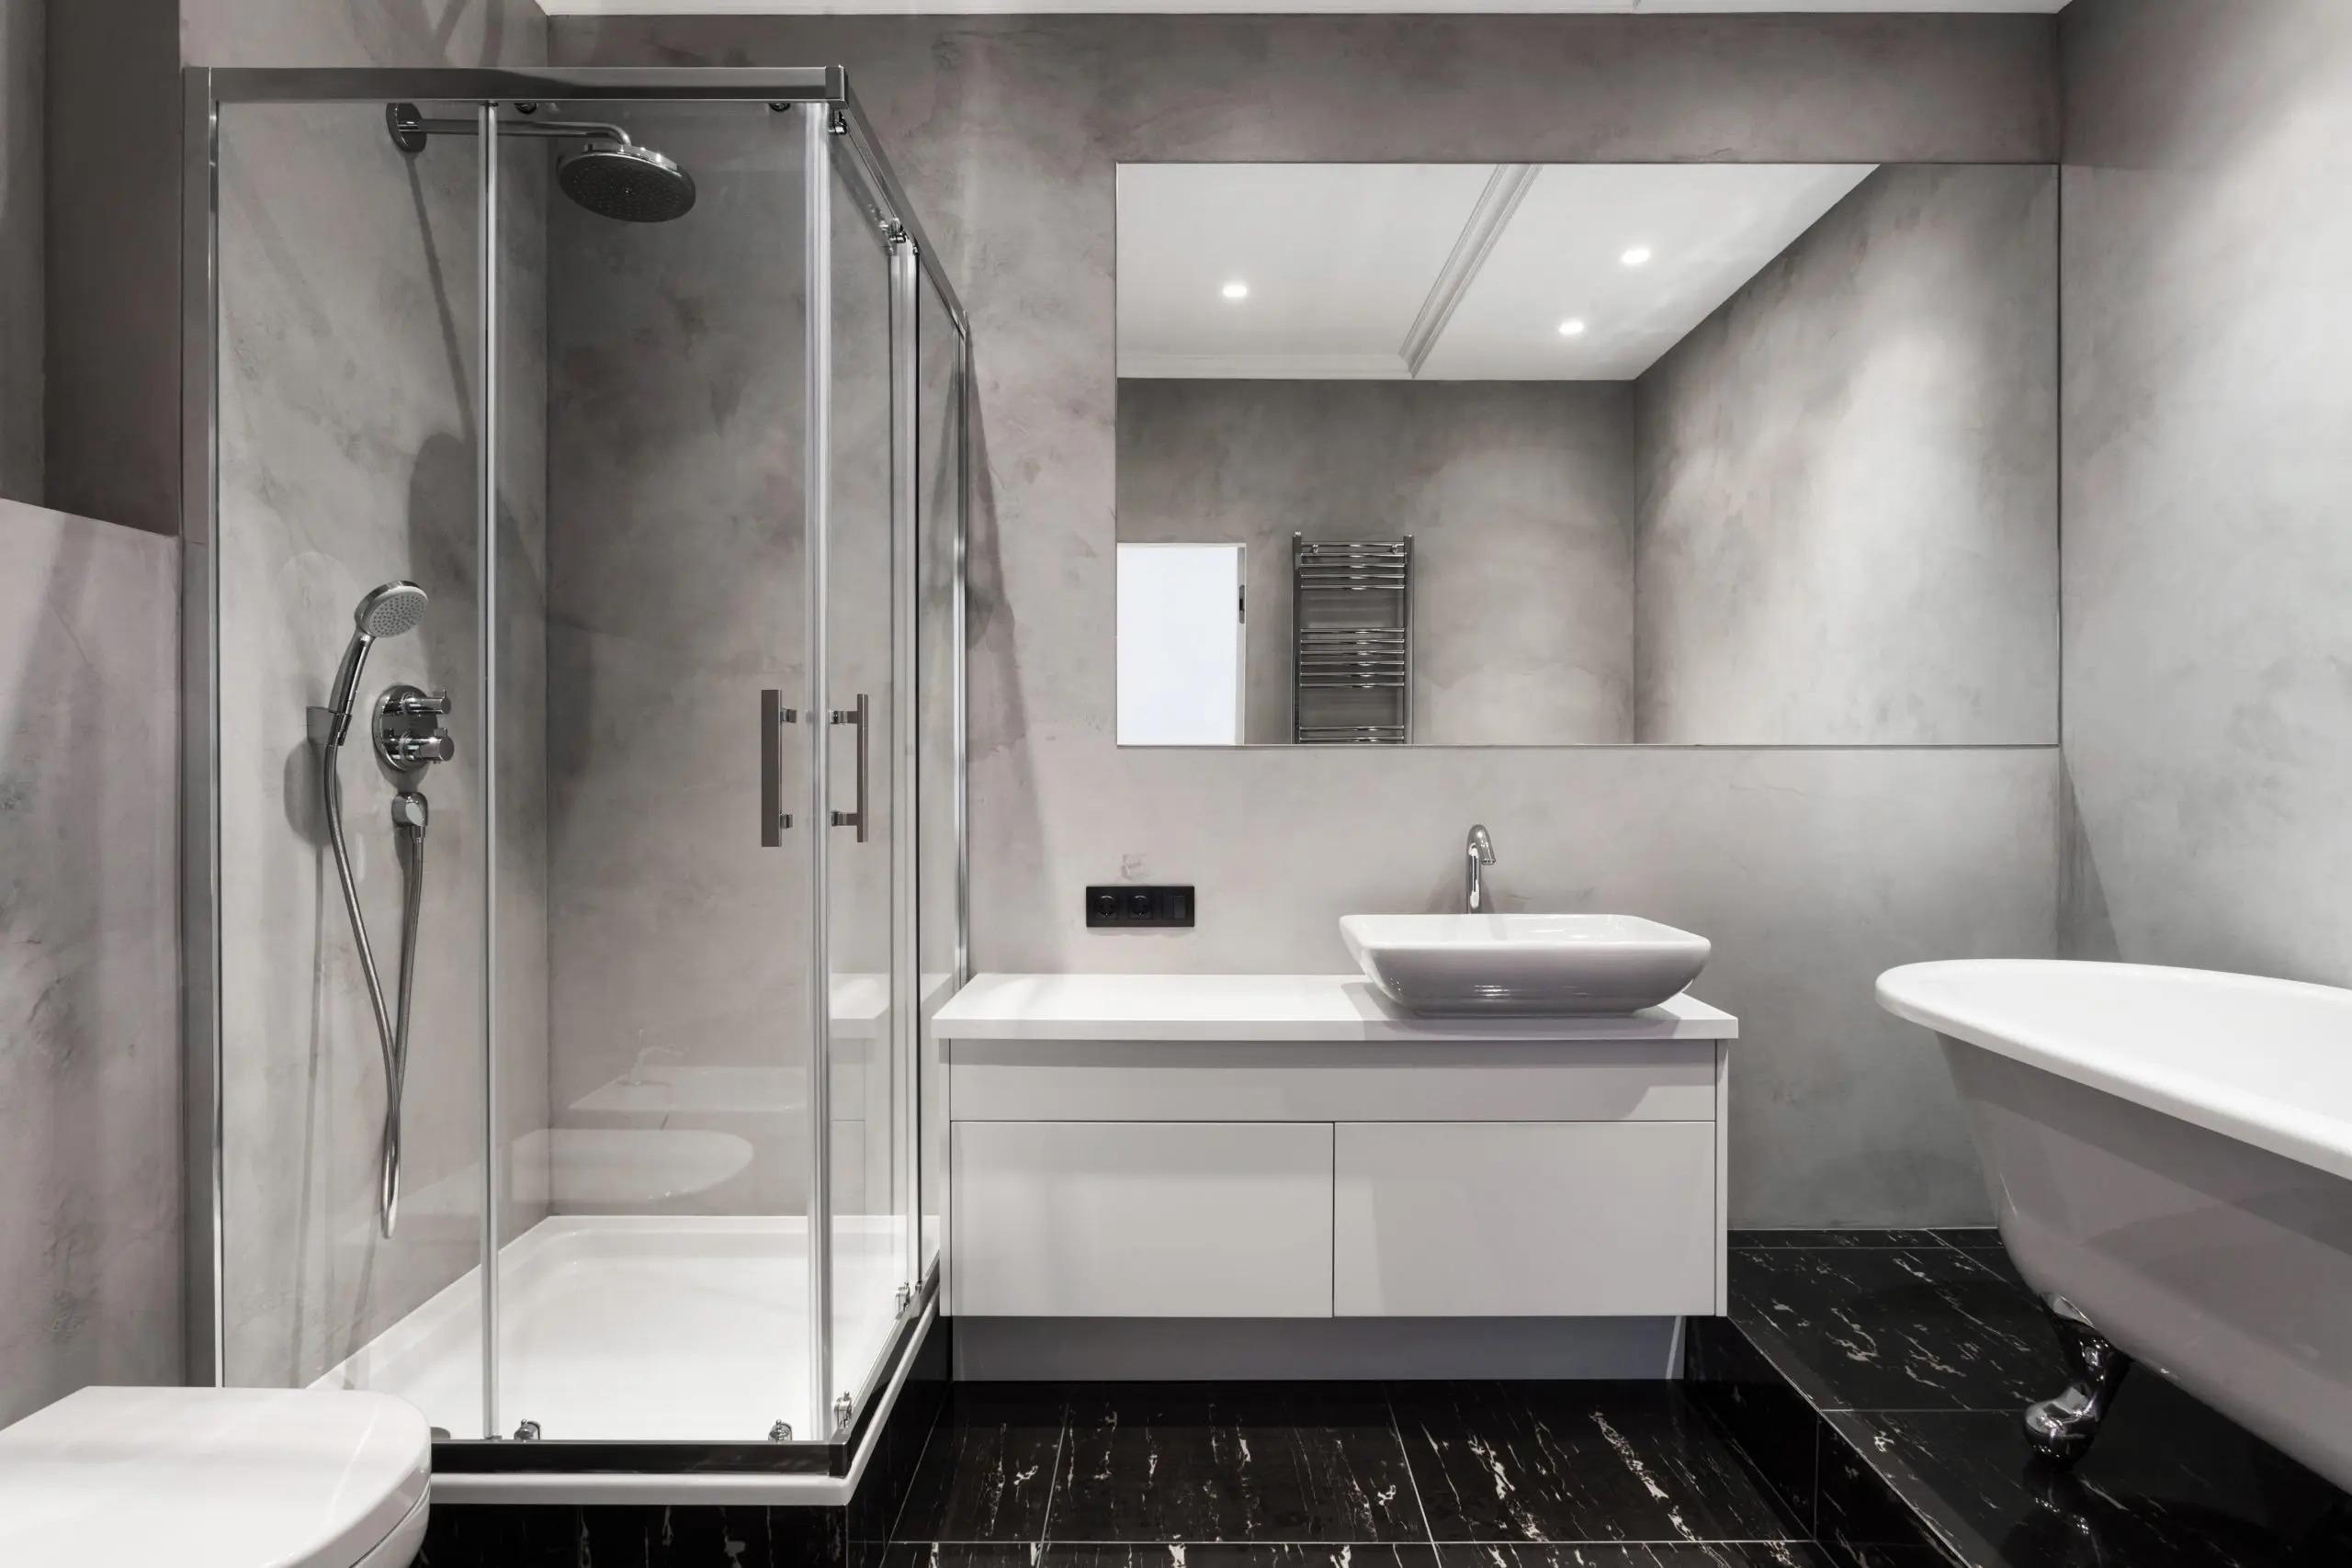 Vách ngăn phòng tắm đứng là gì?